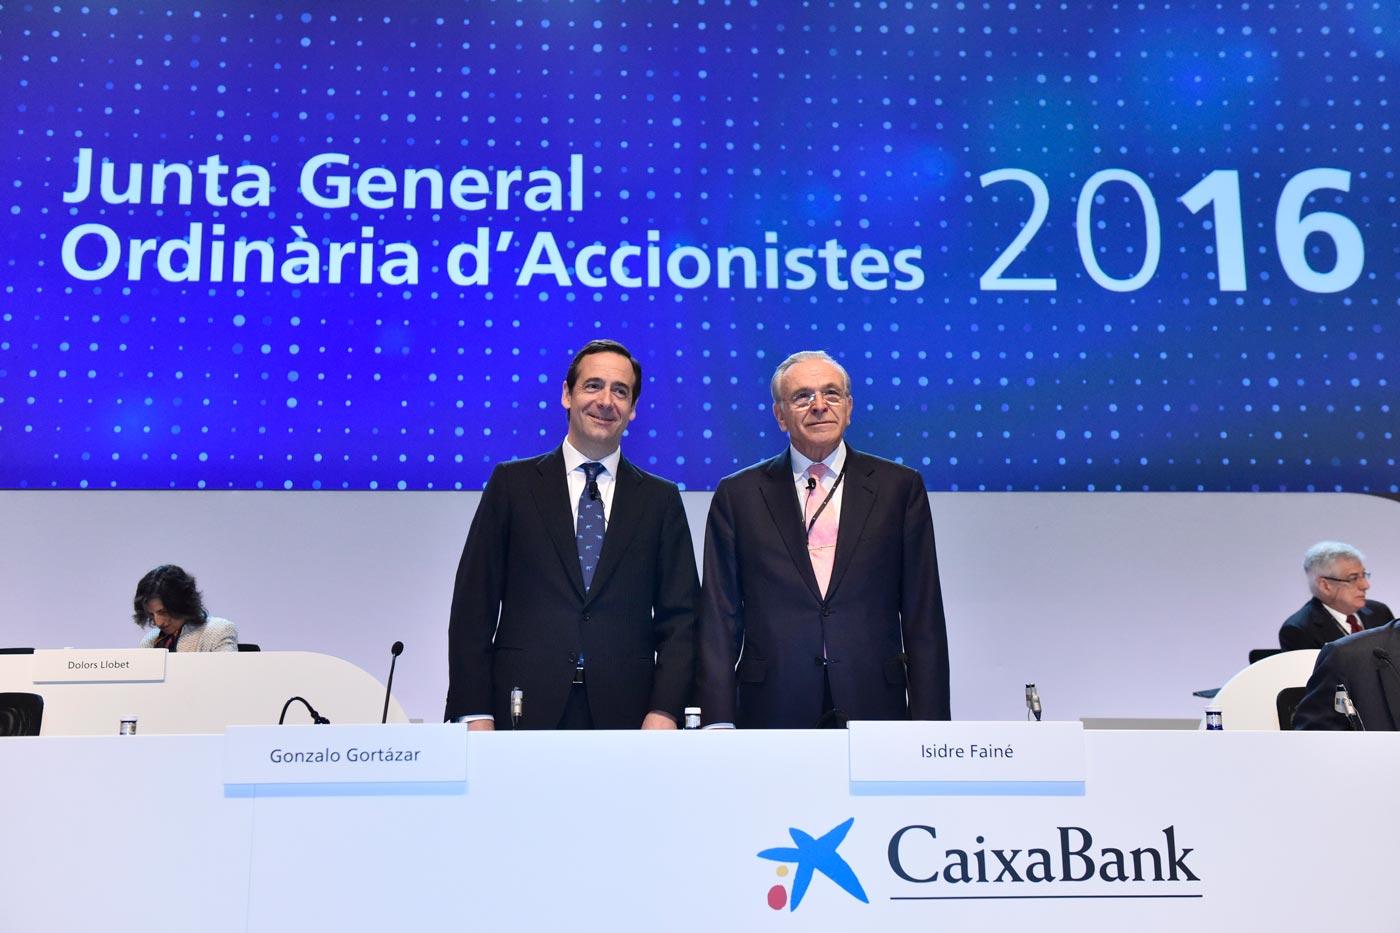 junta-accionistas